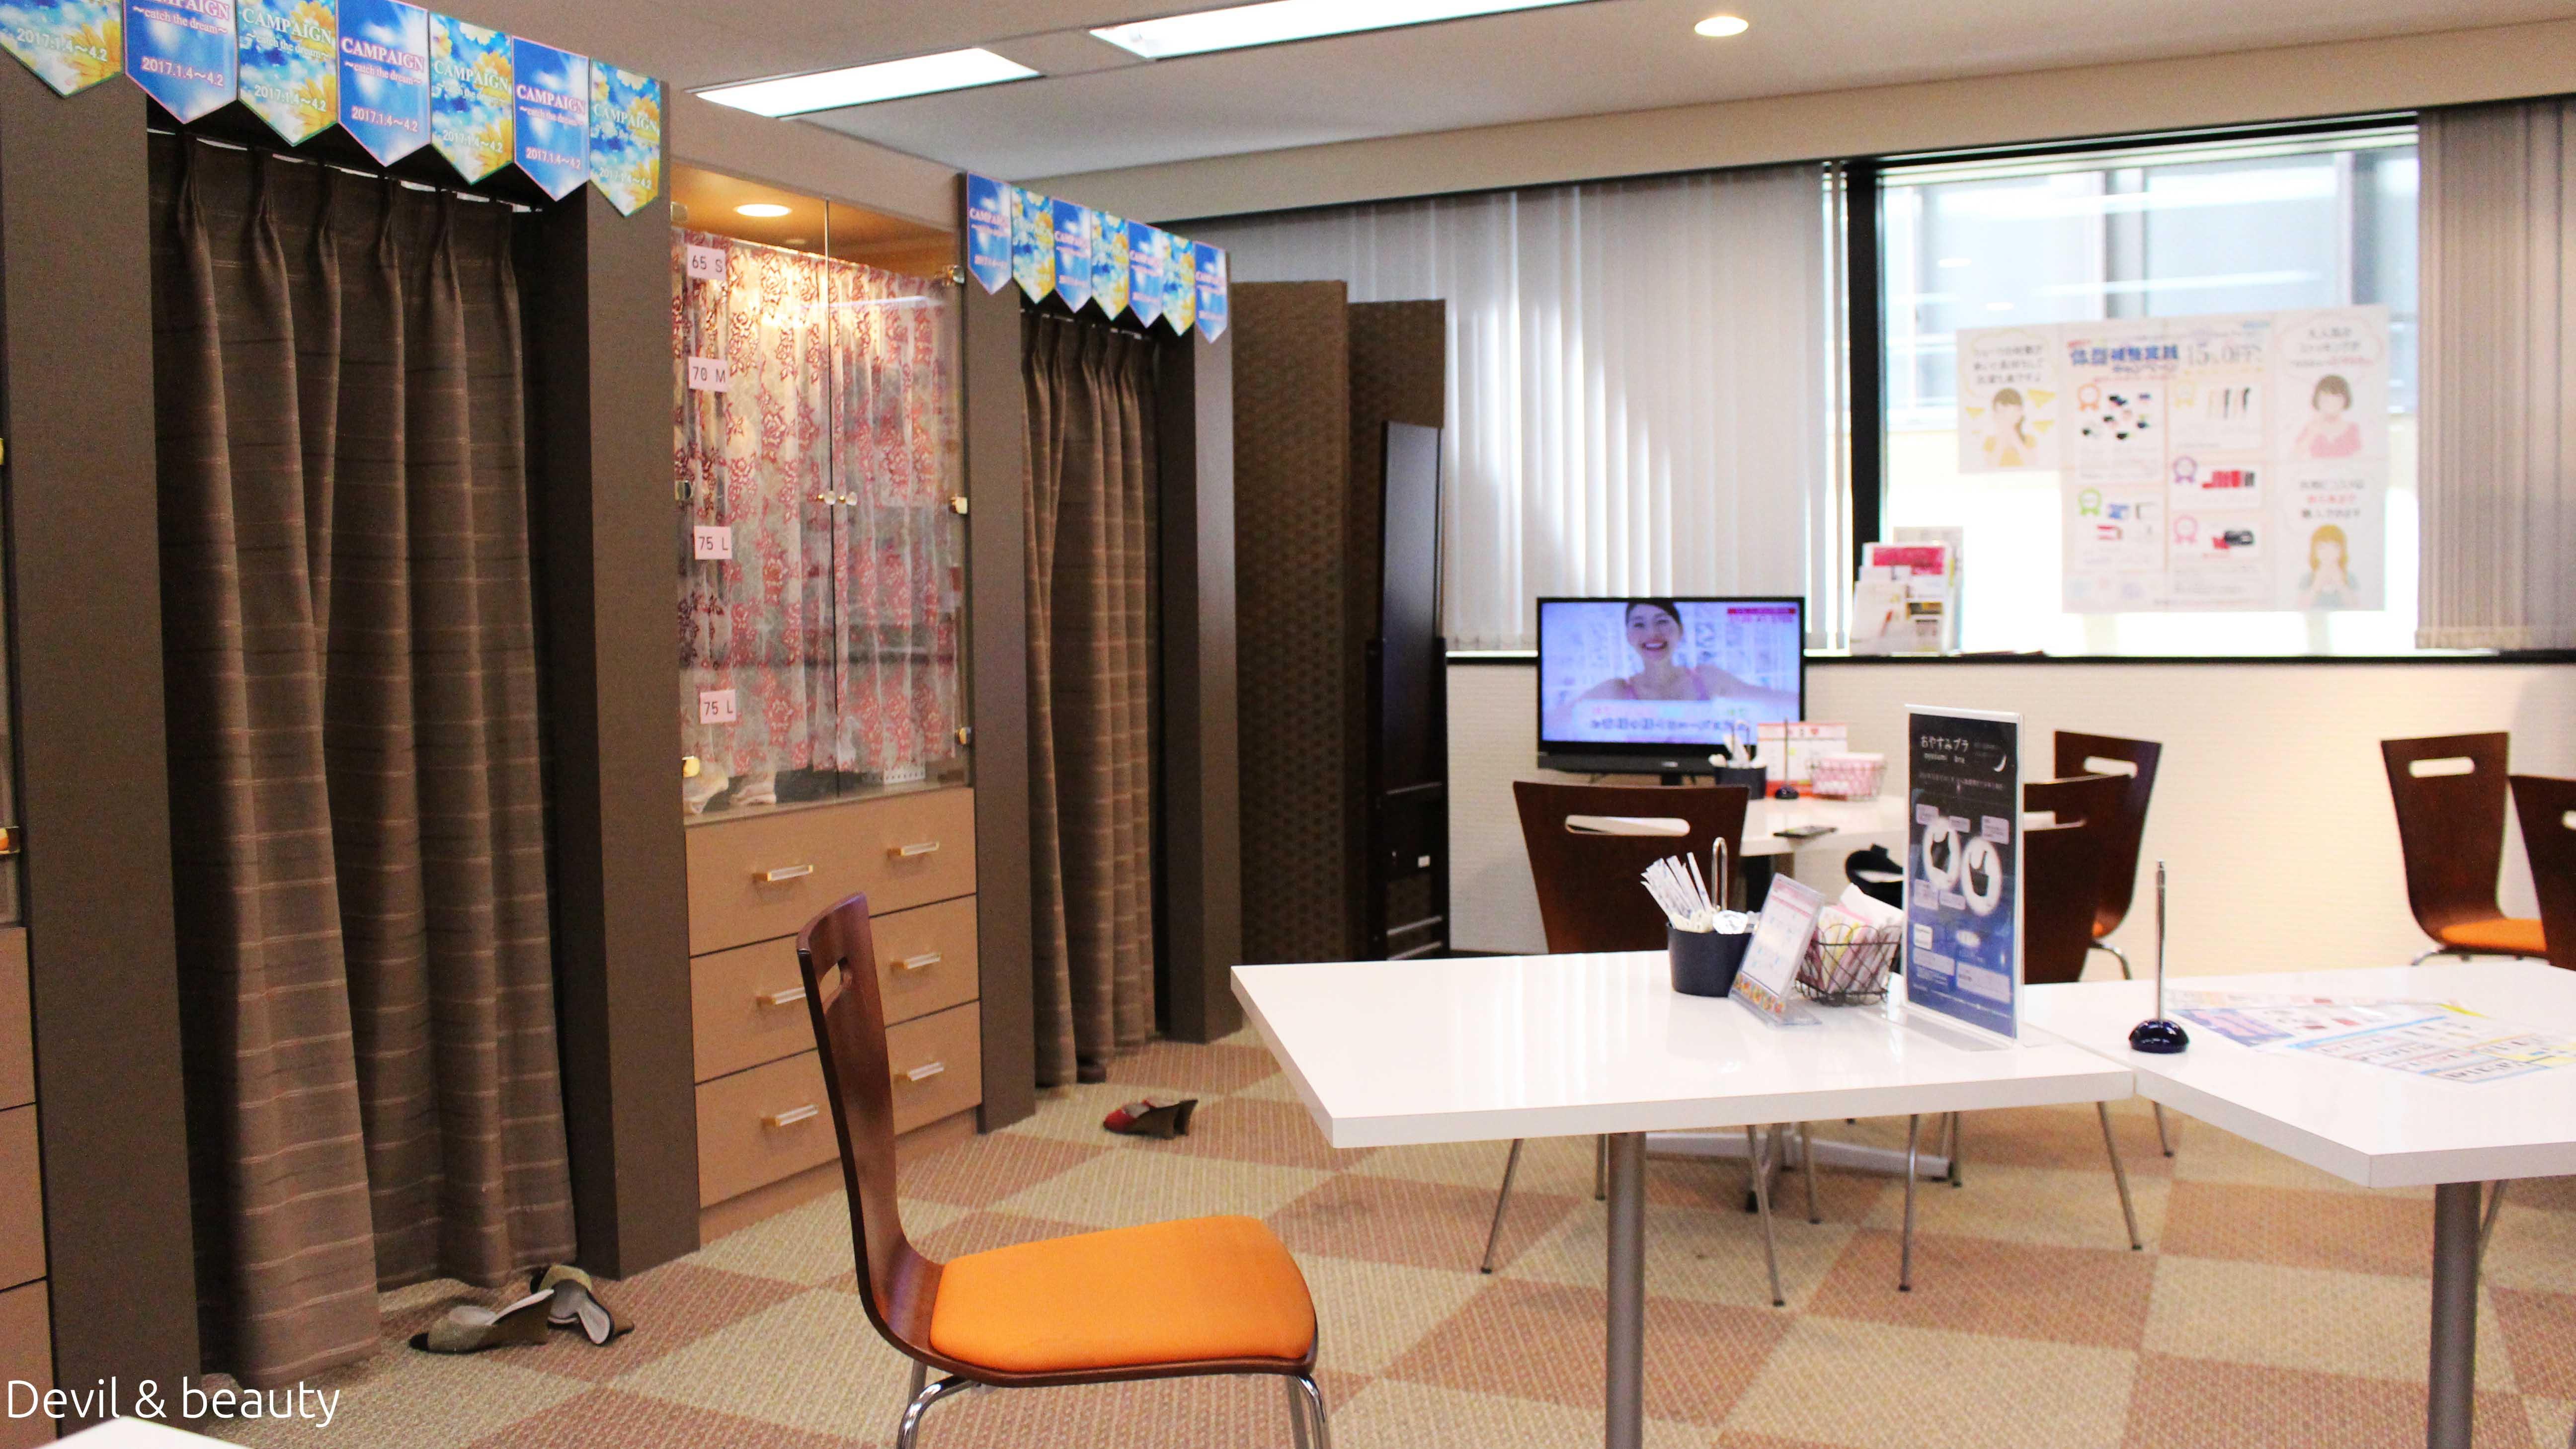 maruko-shinjyuku-4times2 - image